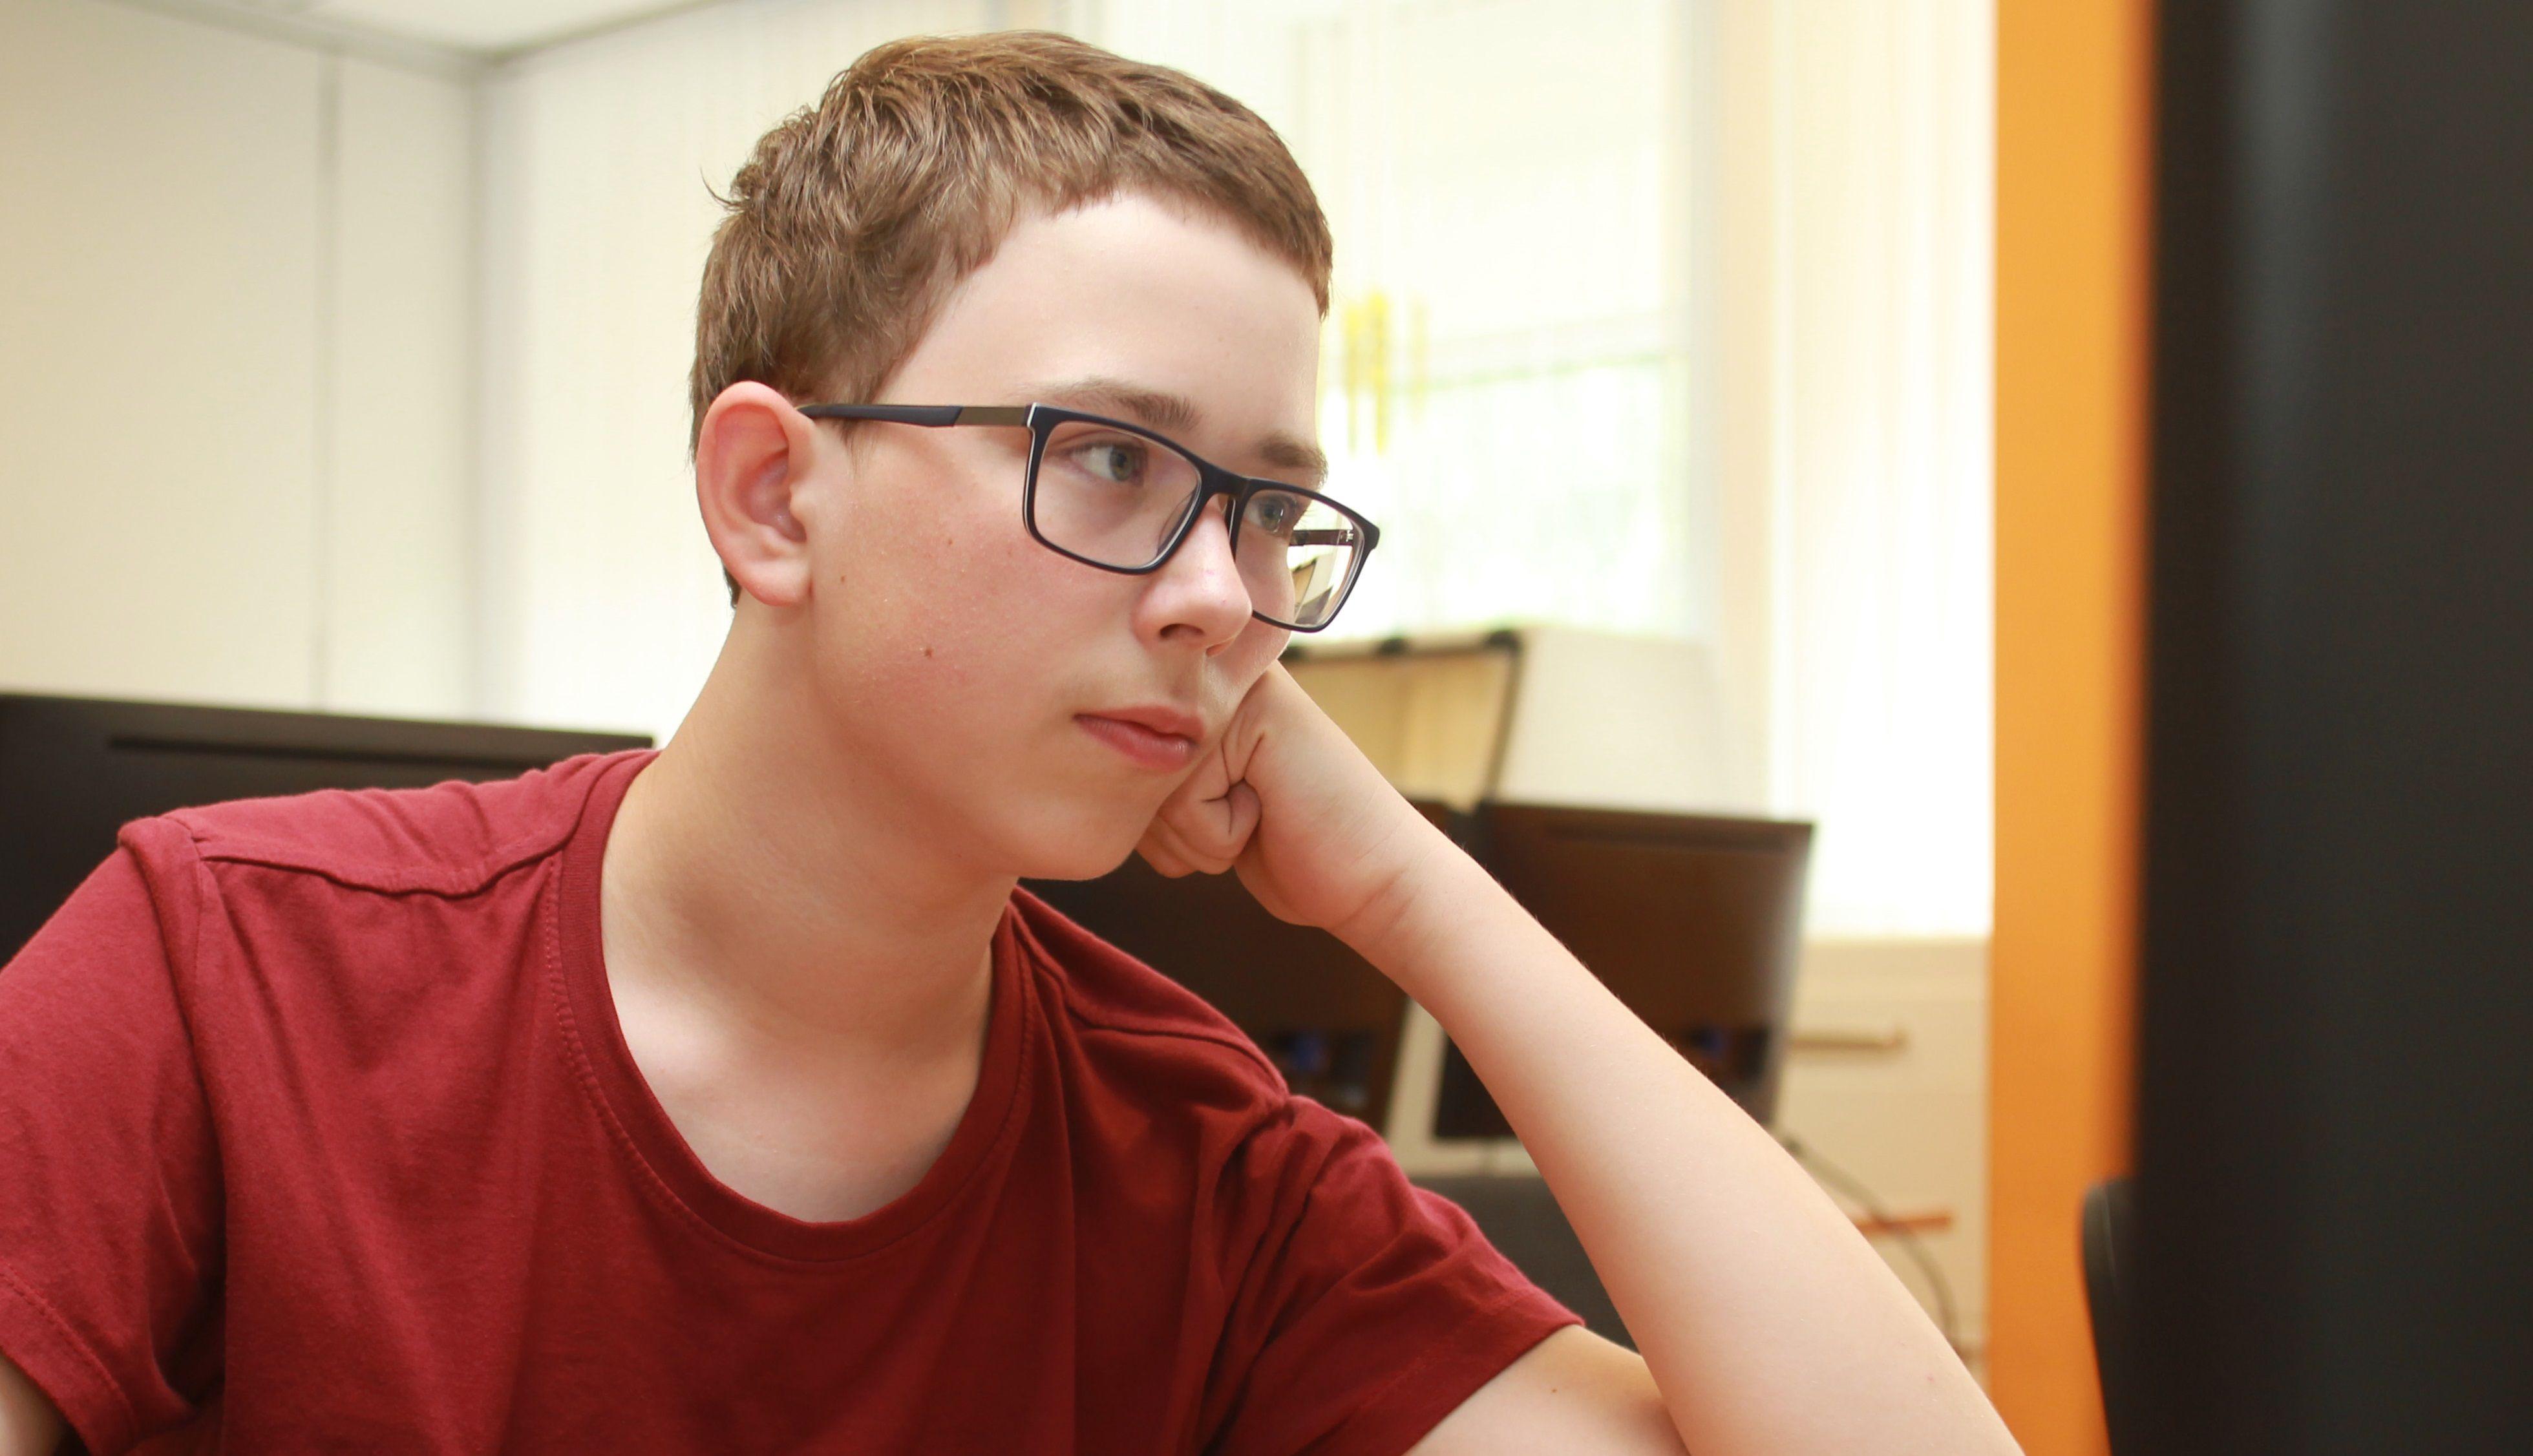 Инженерные онлайн-каникулы подготовили для школьников в Москве